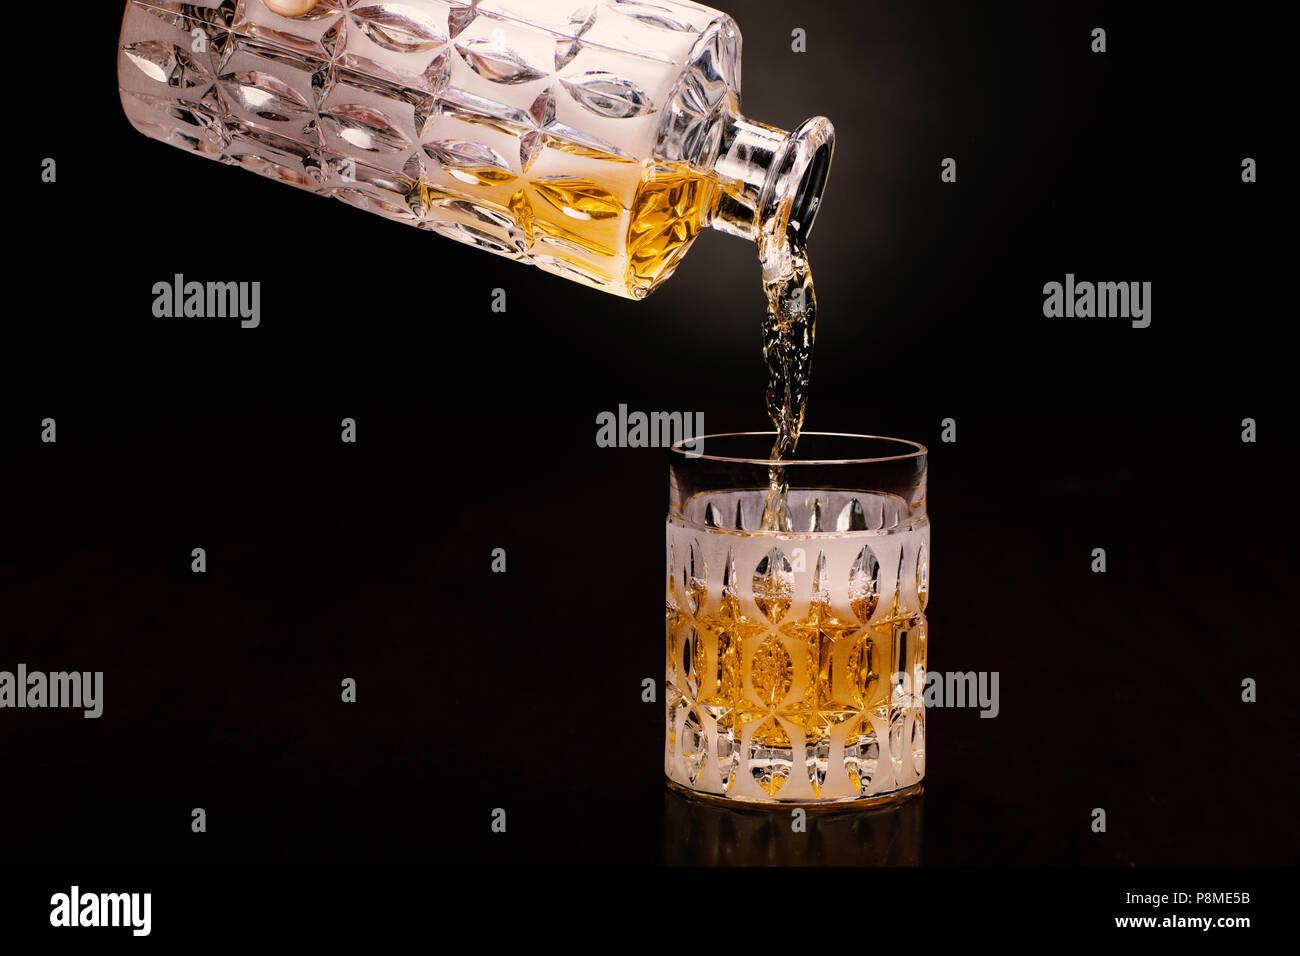 Whisky, Whiskey, Bottle, Handmodel - Stock Image